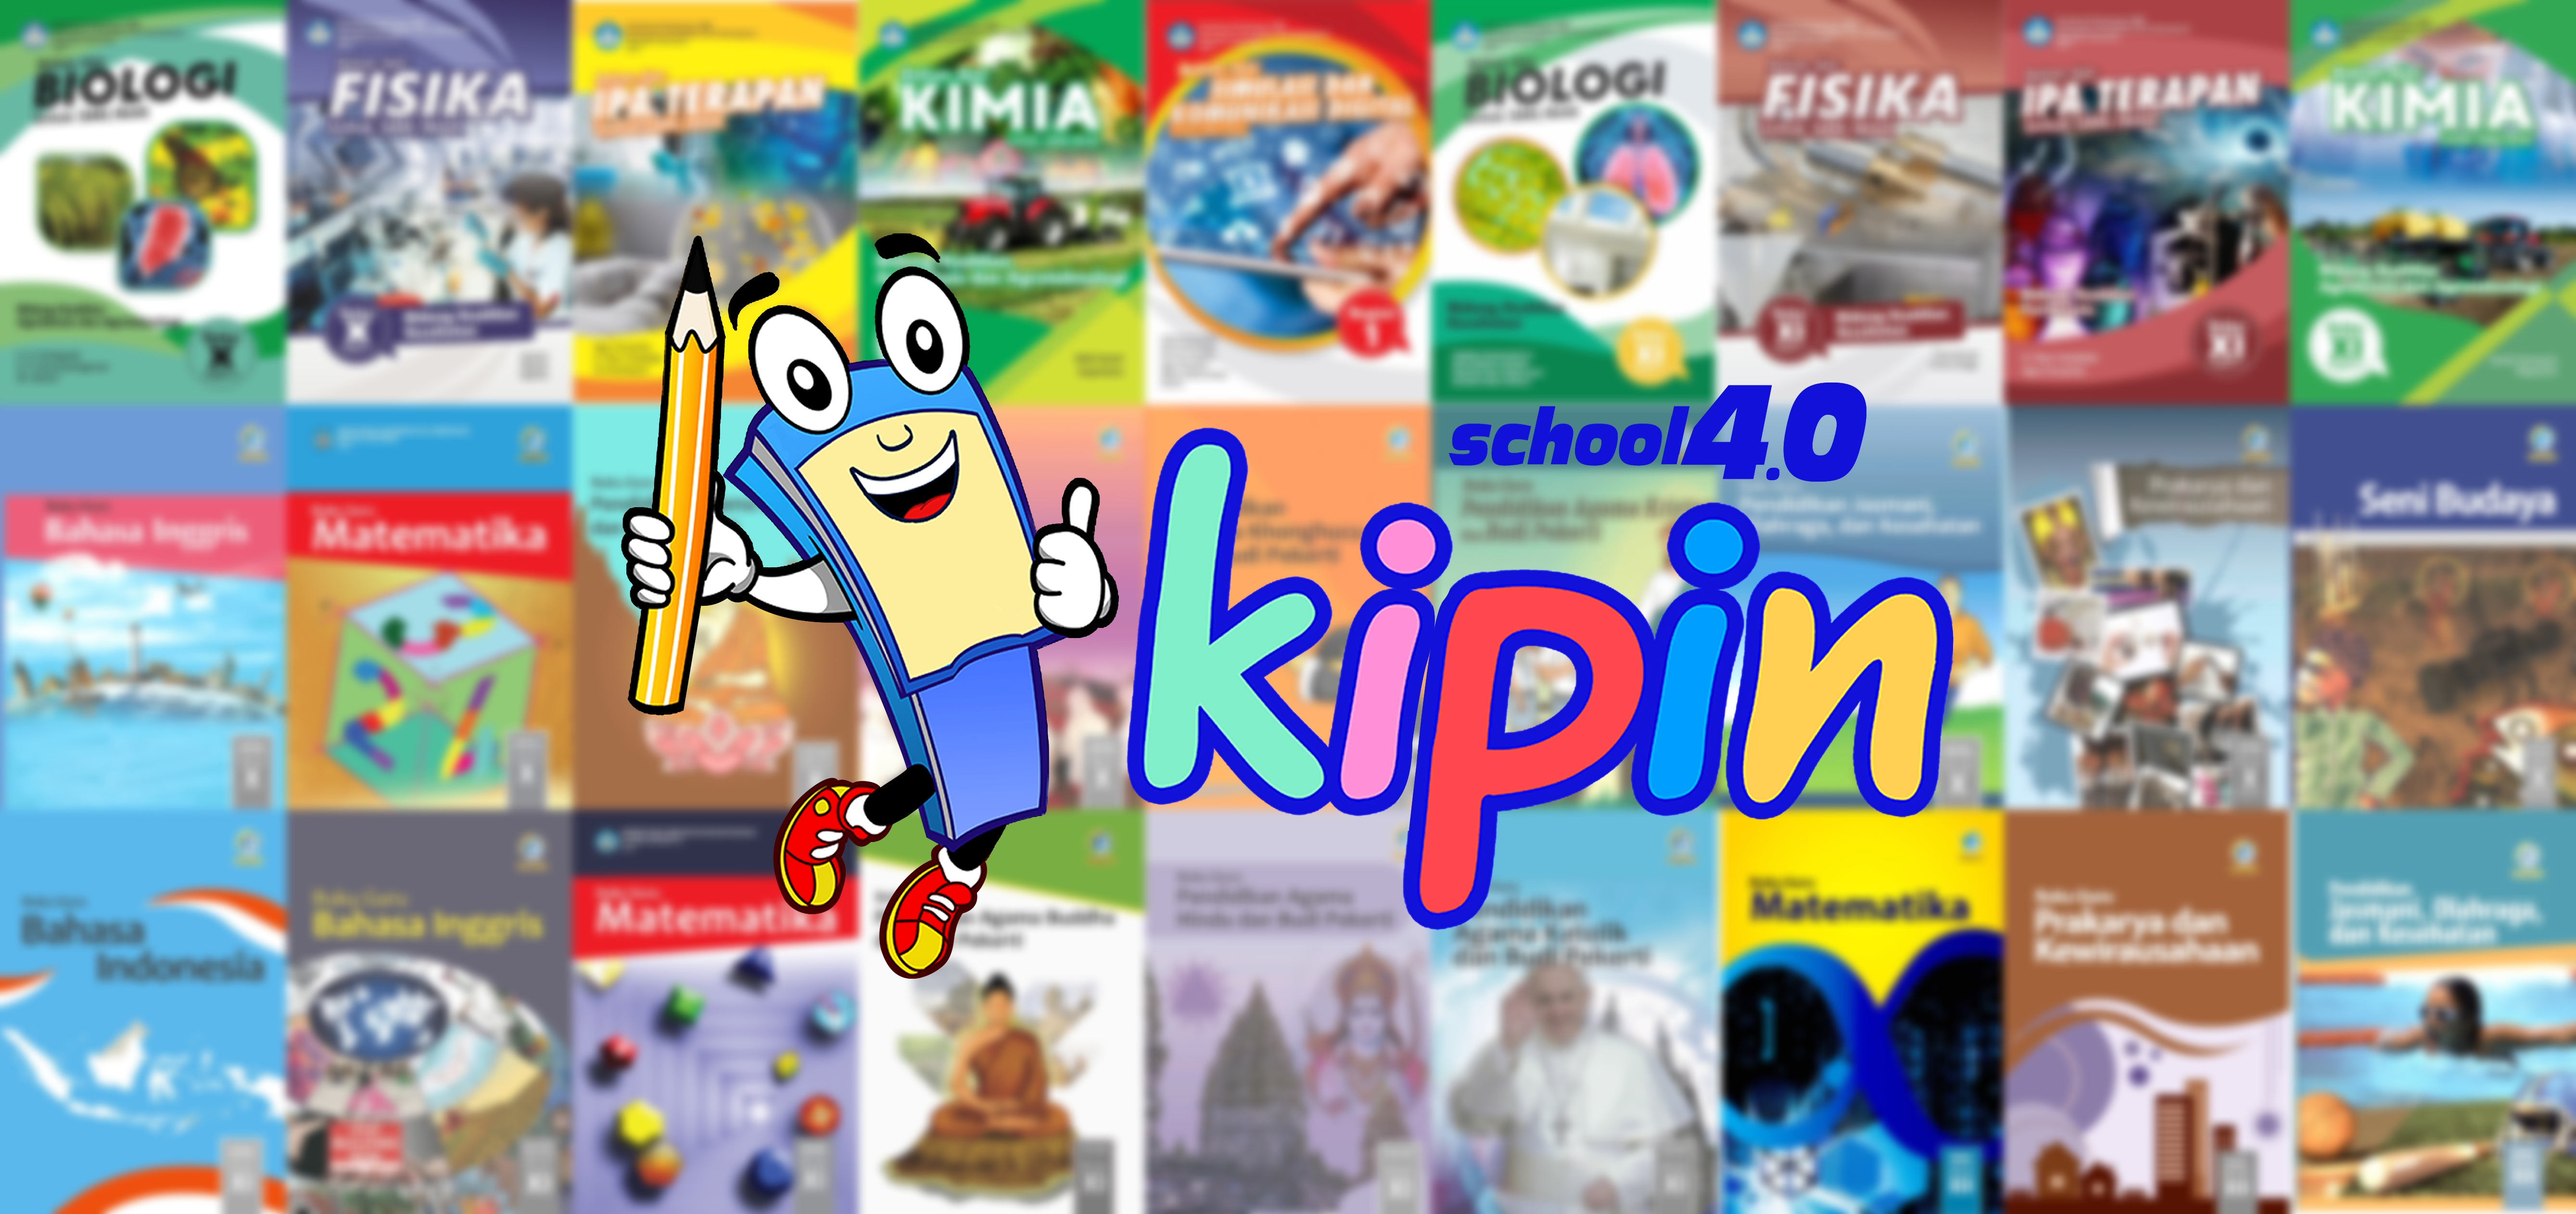 Buku Pelajaran Sekolah (Buku BSE) Terbitan Kemendikbud Kini Bisa Diakses Melalui Satu Aplikasi Belajar Online!